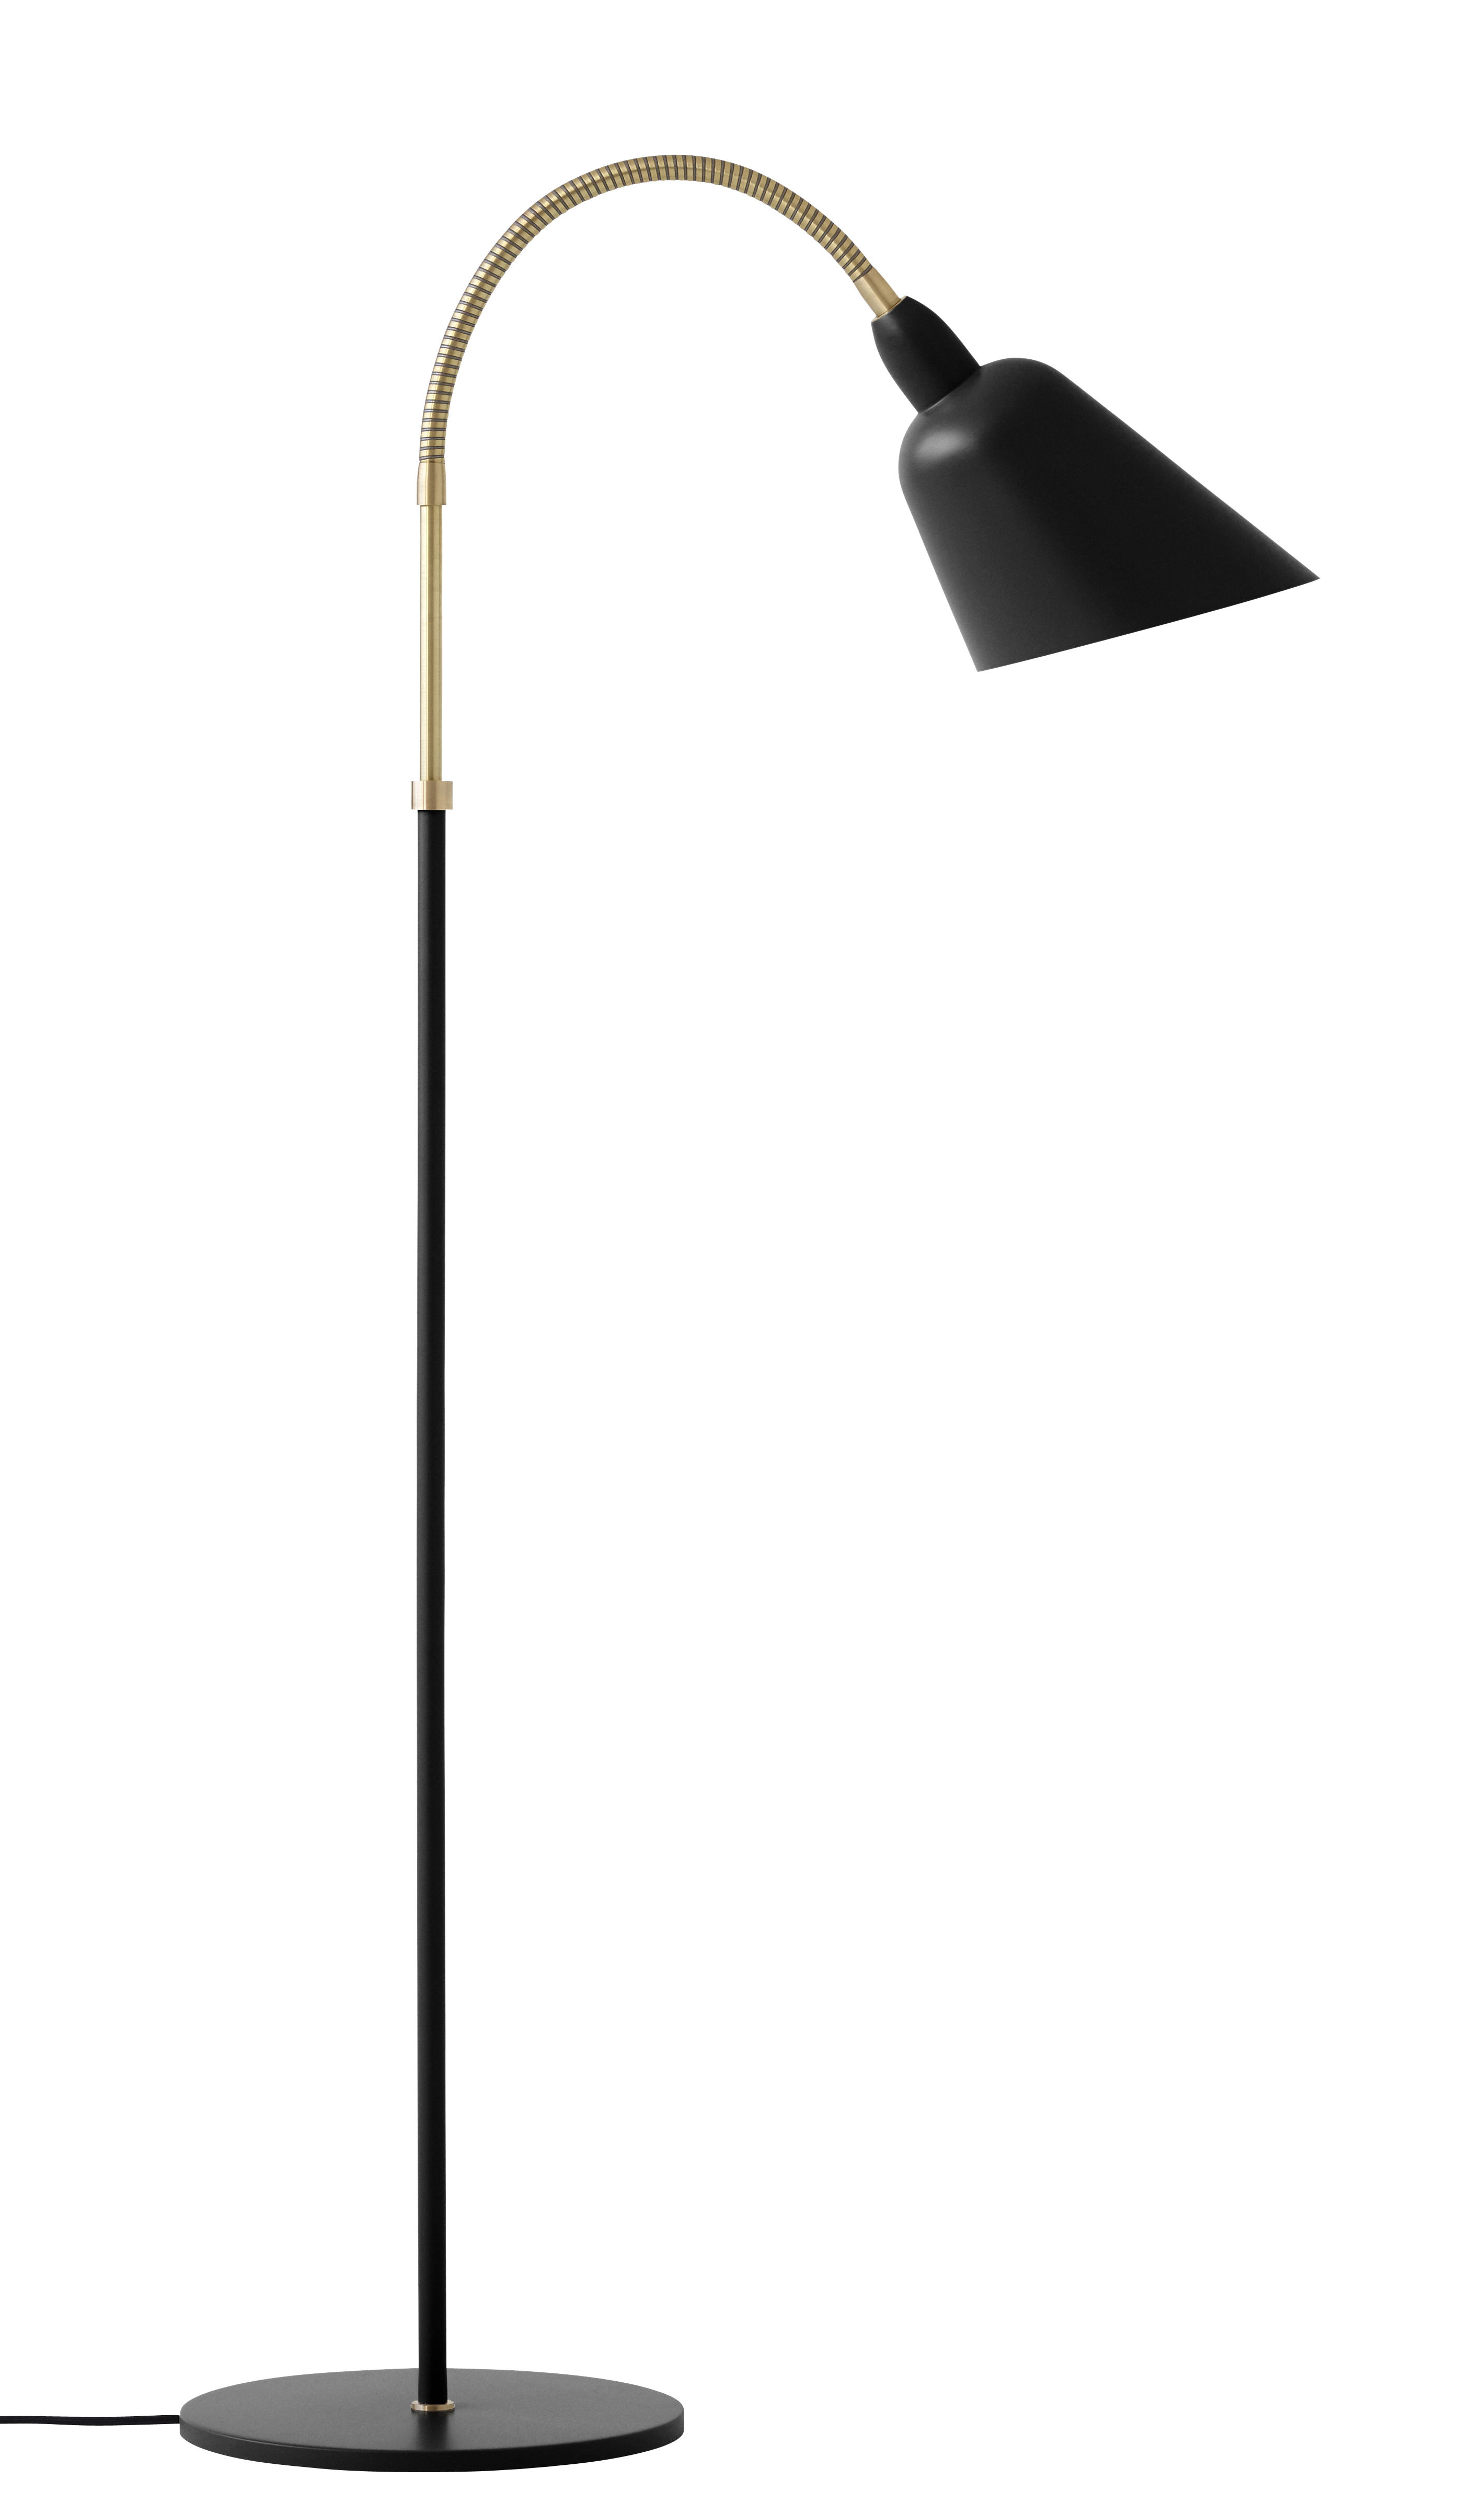 Luminaire - Lampadaires - Lampadaire Bellevue / by Arne Jacobsen - Réédition 1929 - &tradition - Noir & Laiton - Aluminium laqué, Laiton